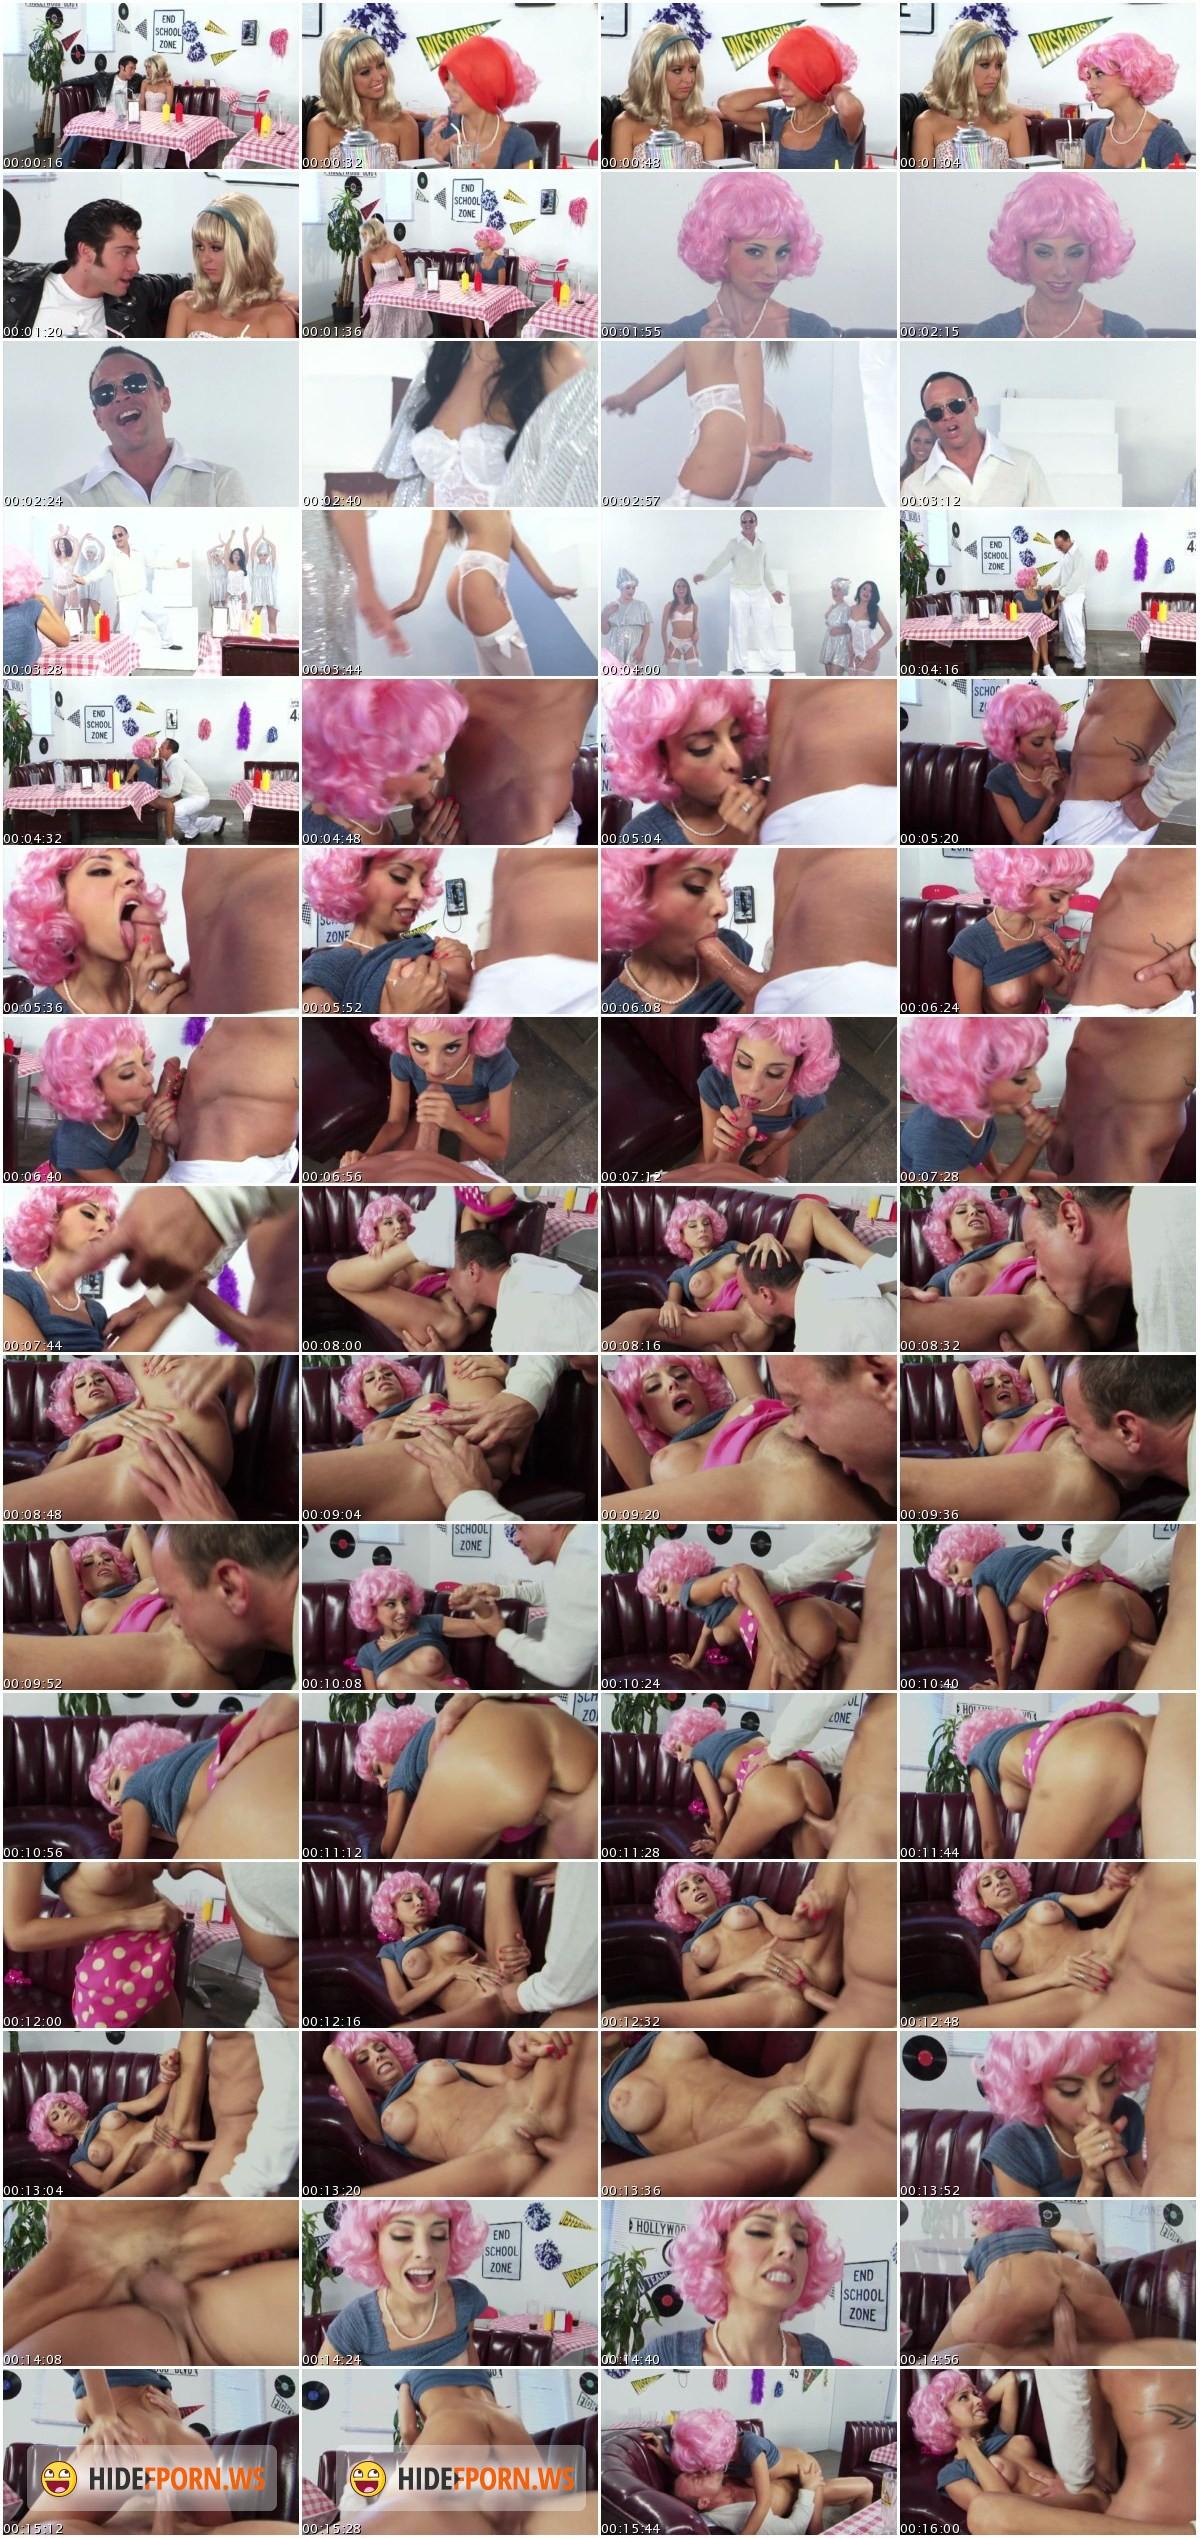 bbw free links movie porn